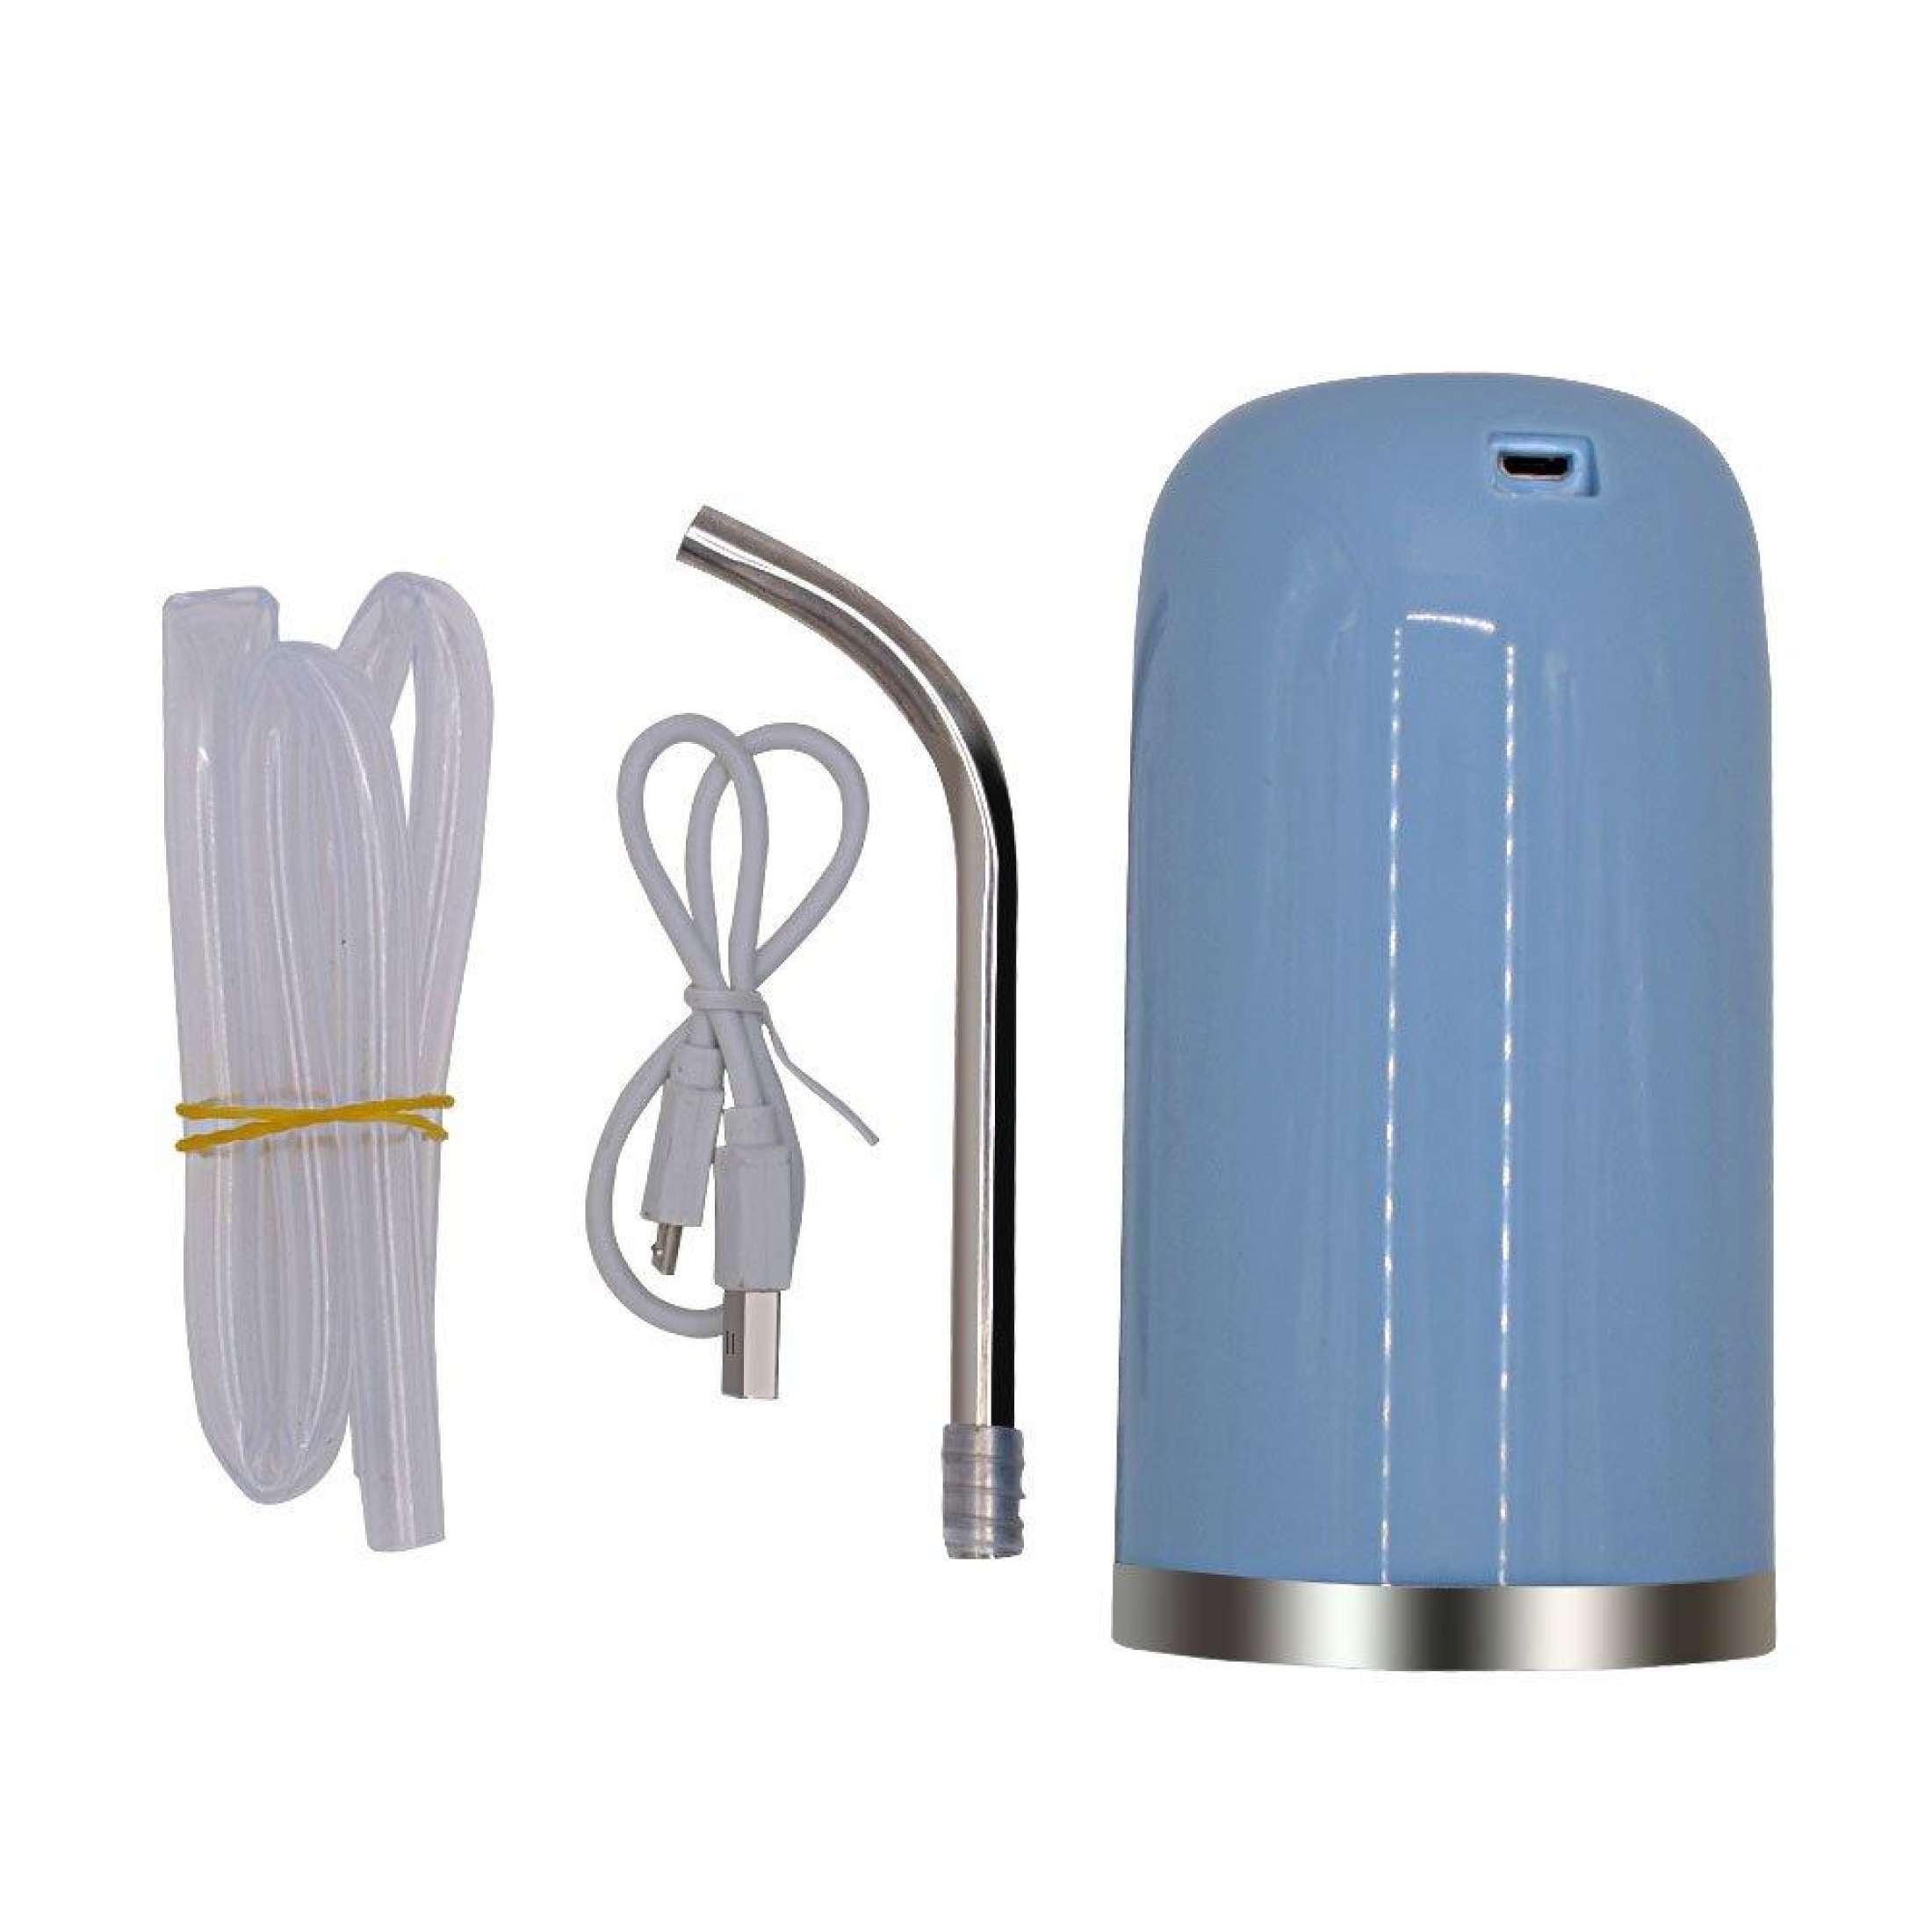 Máy bơm nước uống tự động thông minh cho bình nước lọc sử dụng pin sạc cao cấp | Lazada.vn